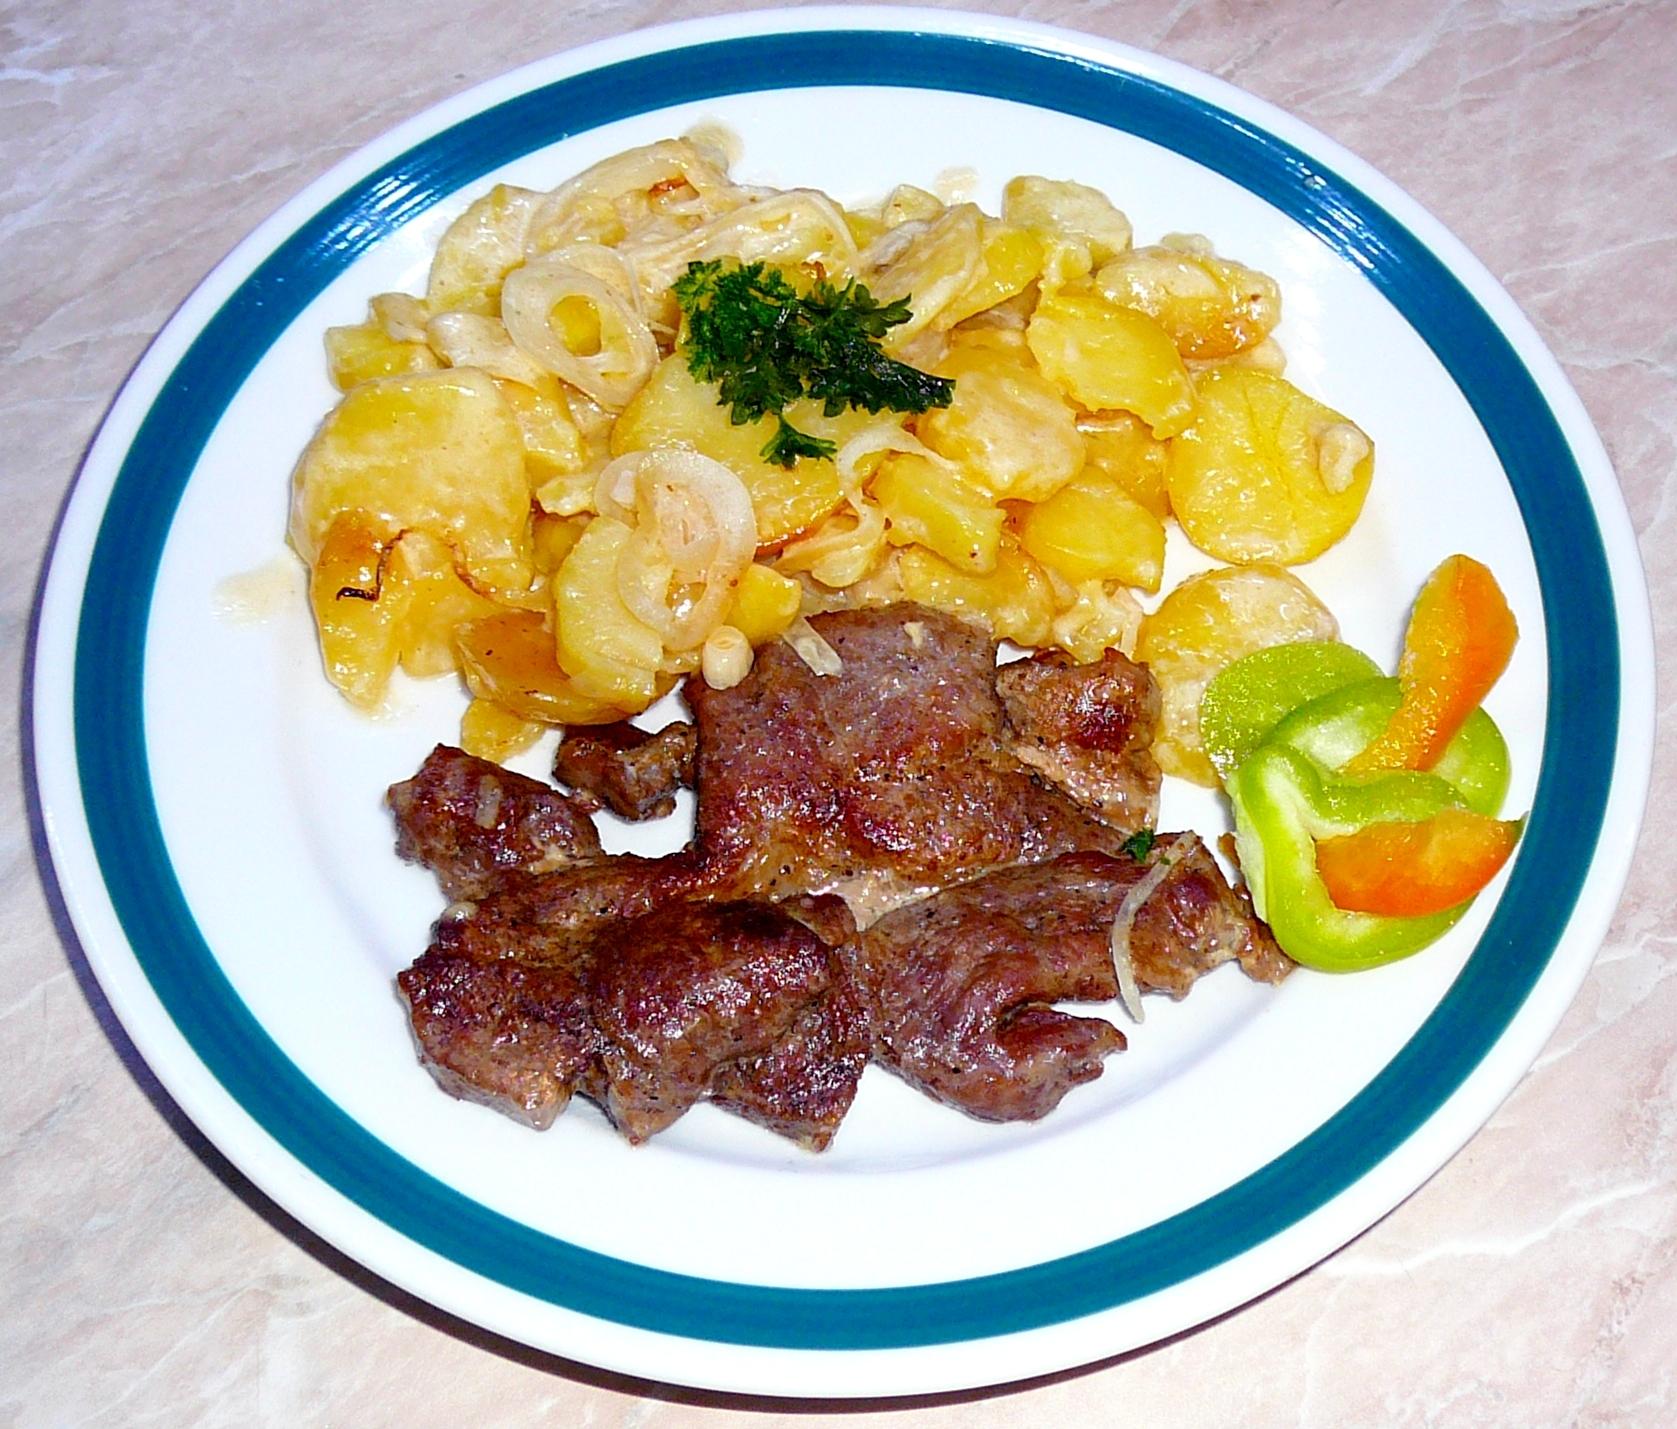 Fotografie receptu: Zapečená vepřová krkovice s bramborami a šlehačkou